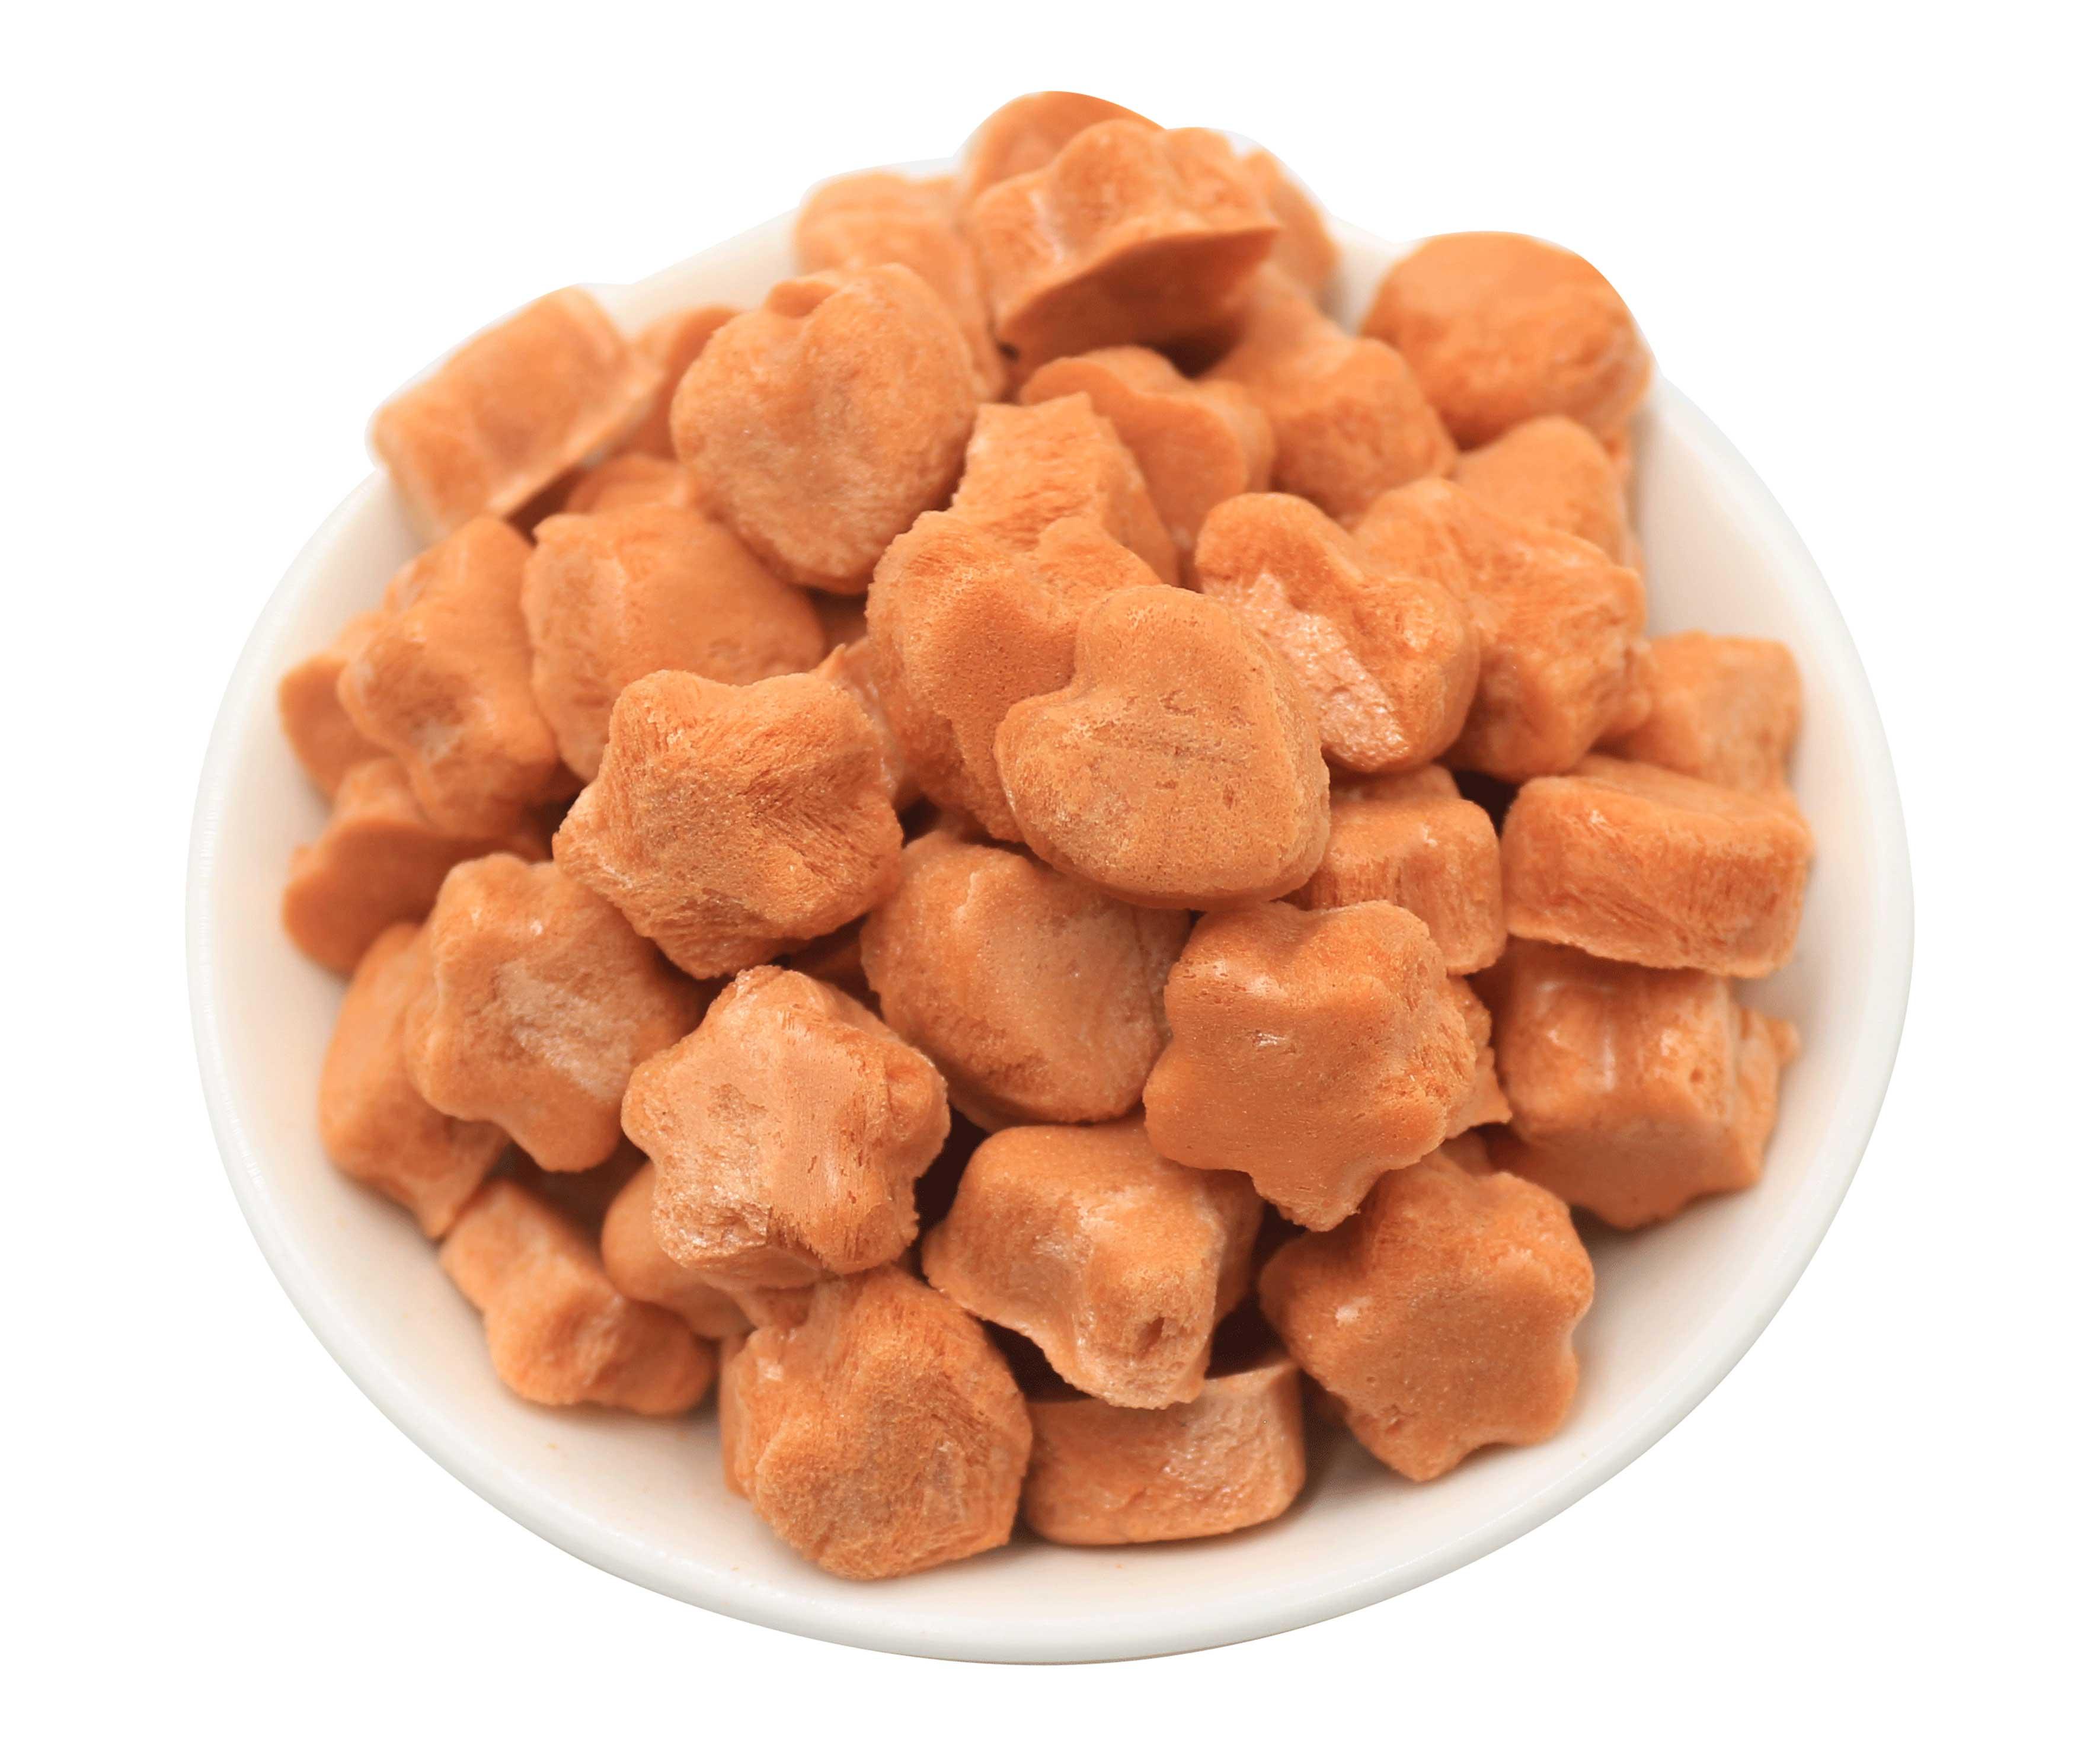 綜合果蔬溶豆